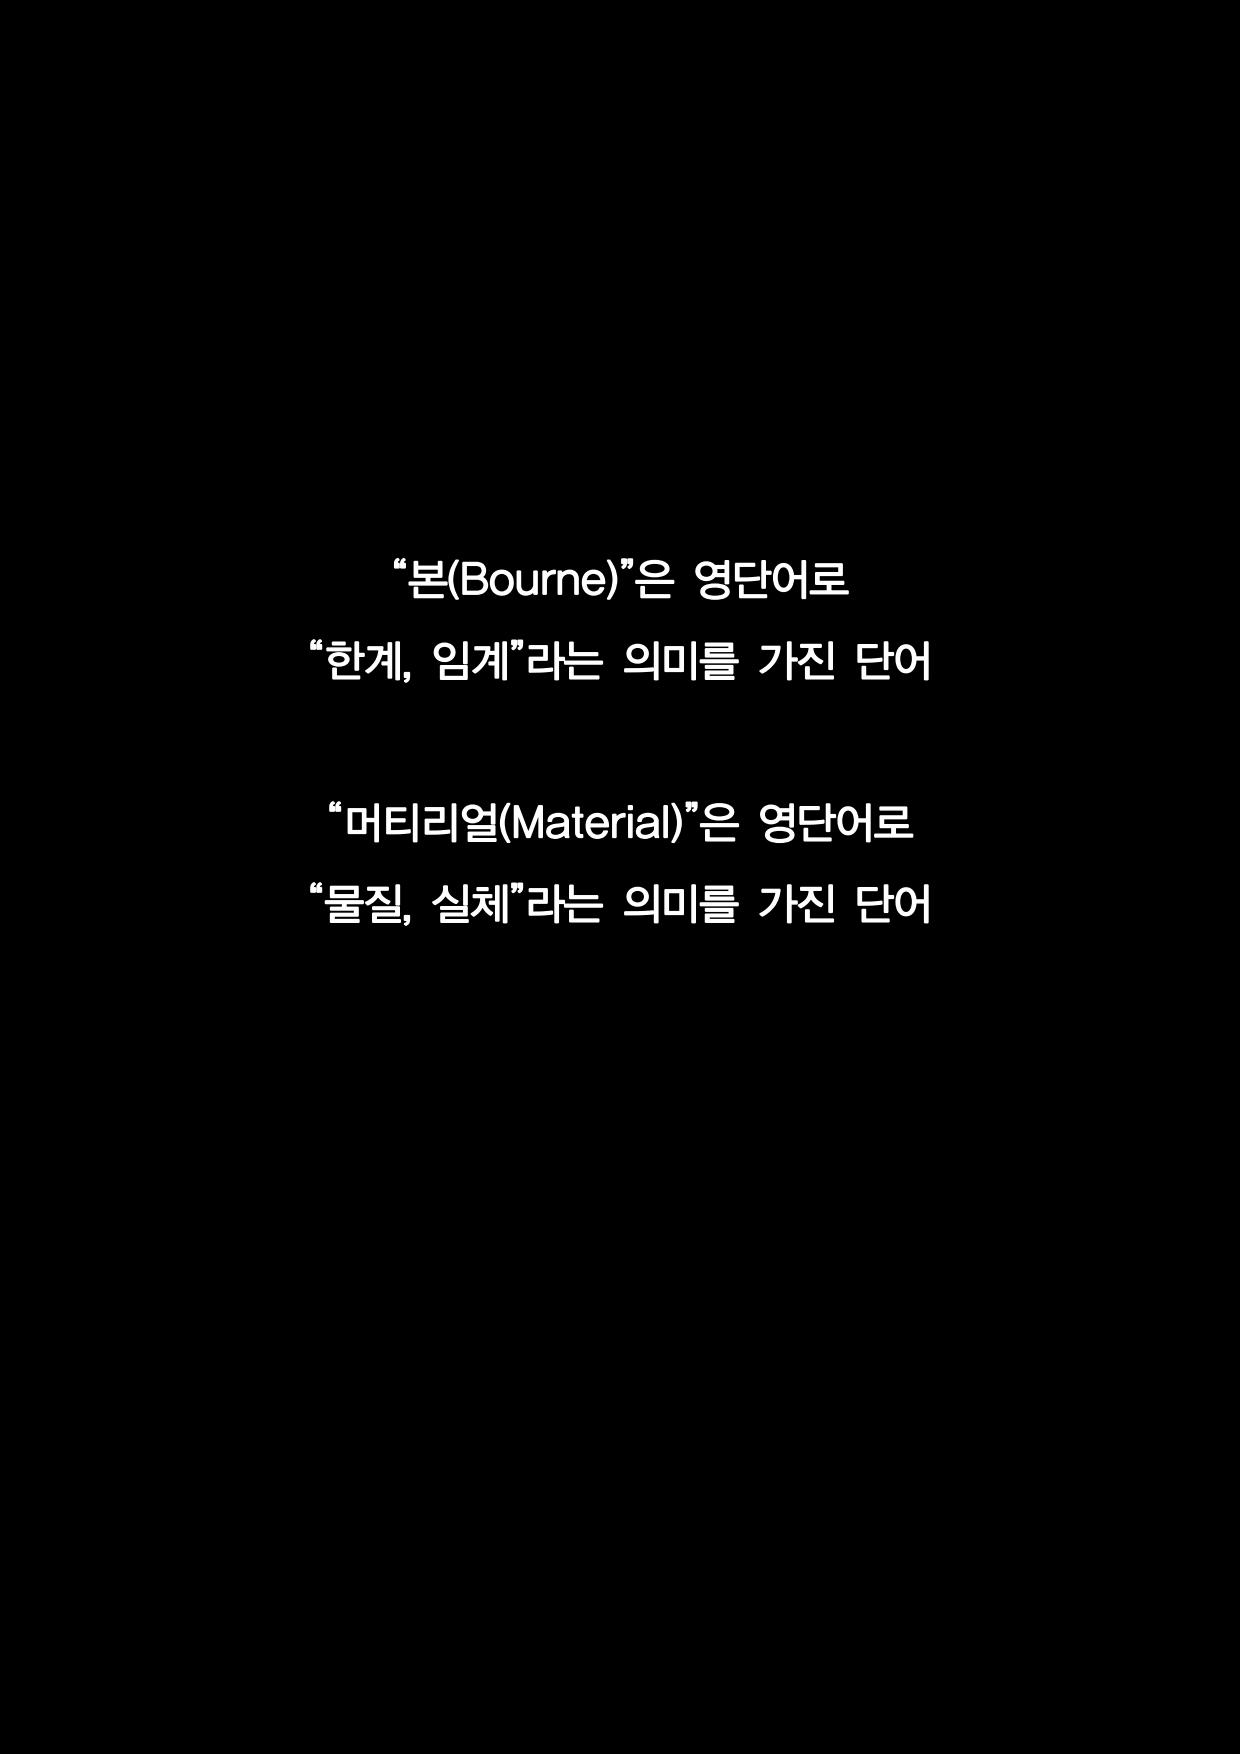 본 머티리어 1회차 홍보글 v3(수강후기 따로 편집요함)_06.png